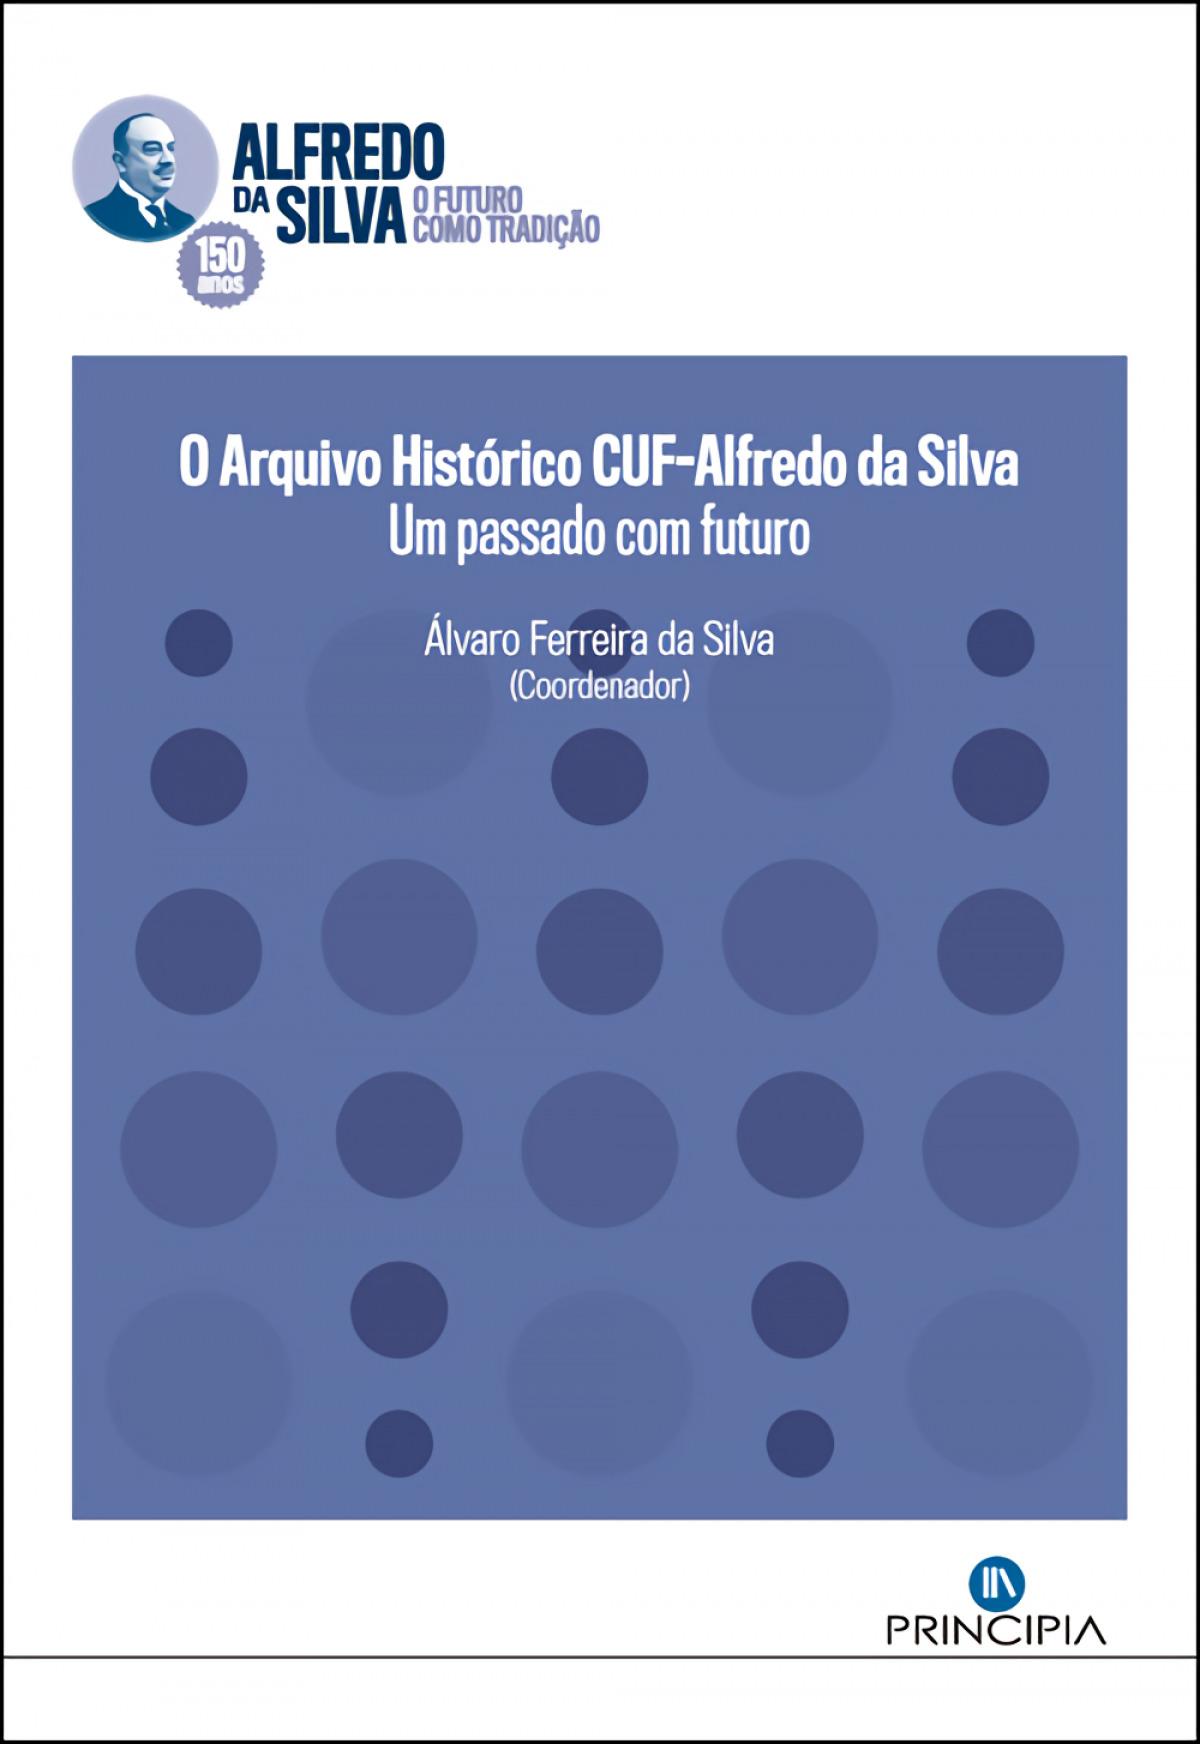 O Arquivo historico CUF-Alfredo da Silva